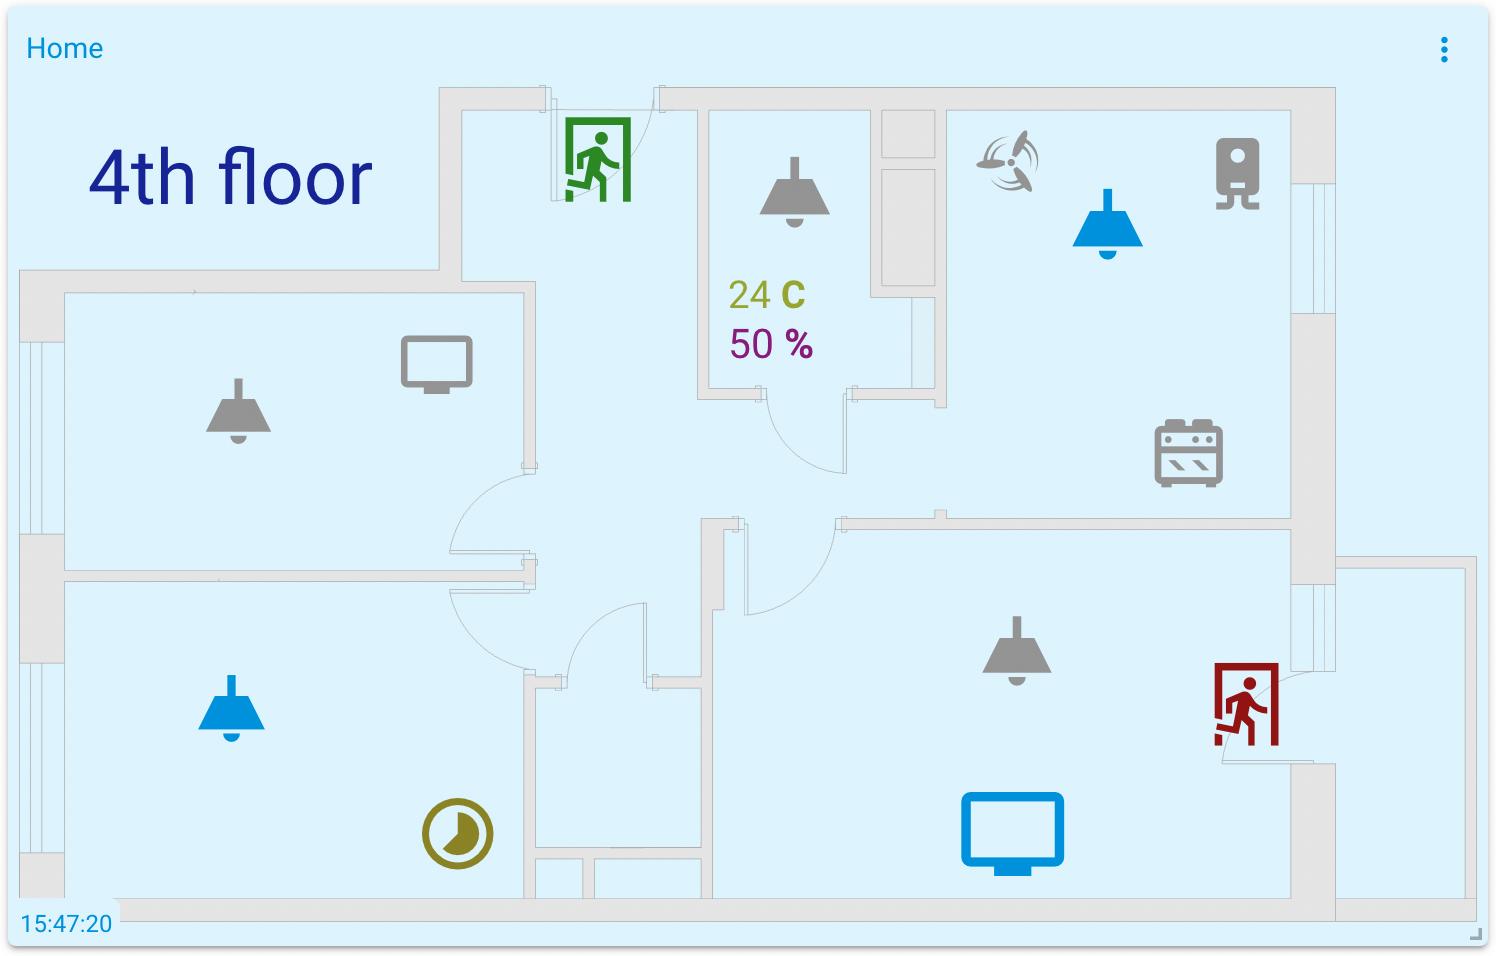 mqtt tiles scheme widget floor plan visualization